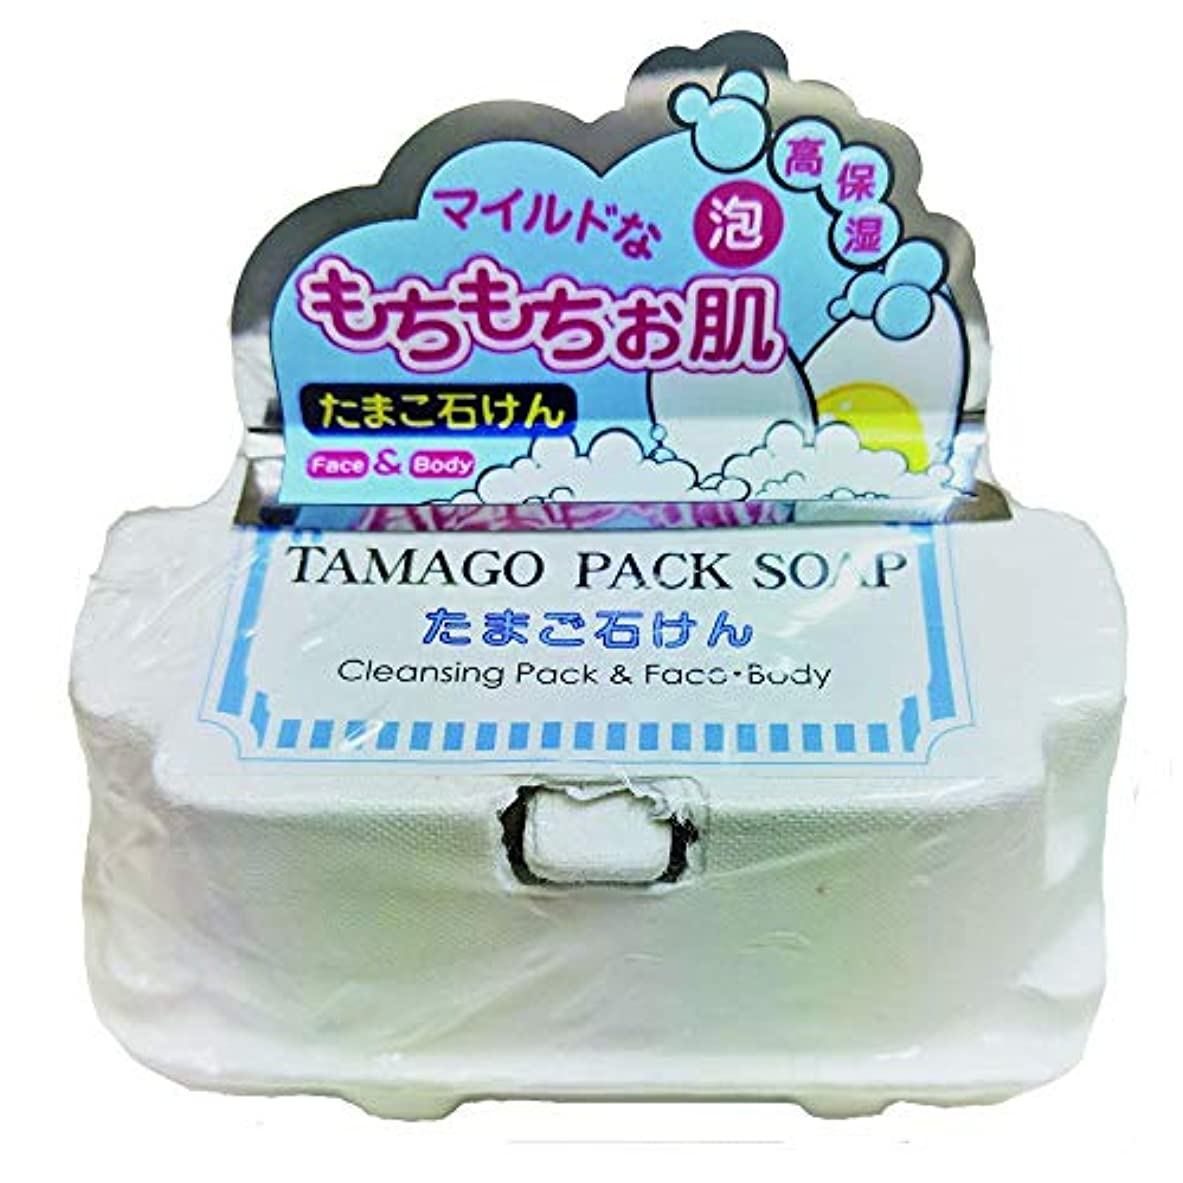 ドクターアト たまご石けん Dr.Ato TAMAGO PACK SOAP 50g×2